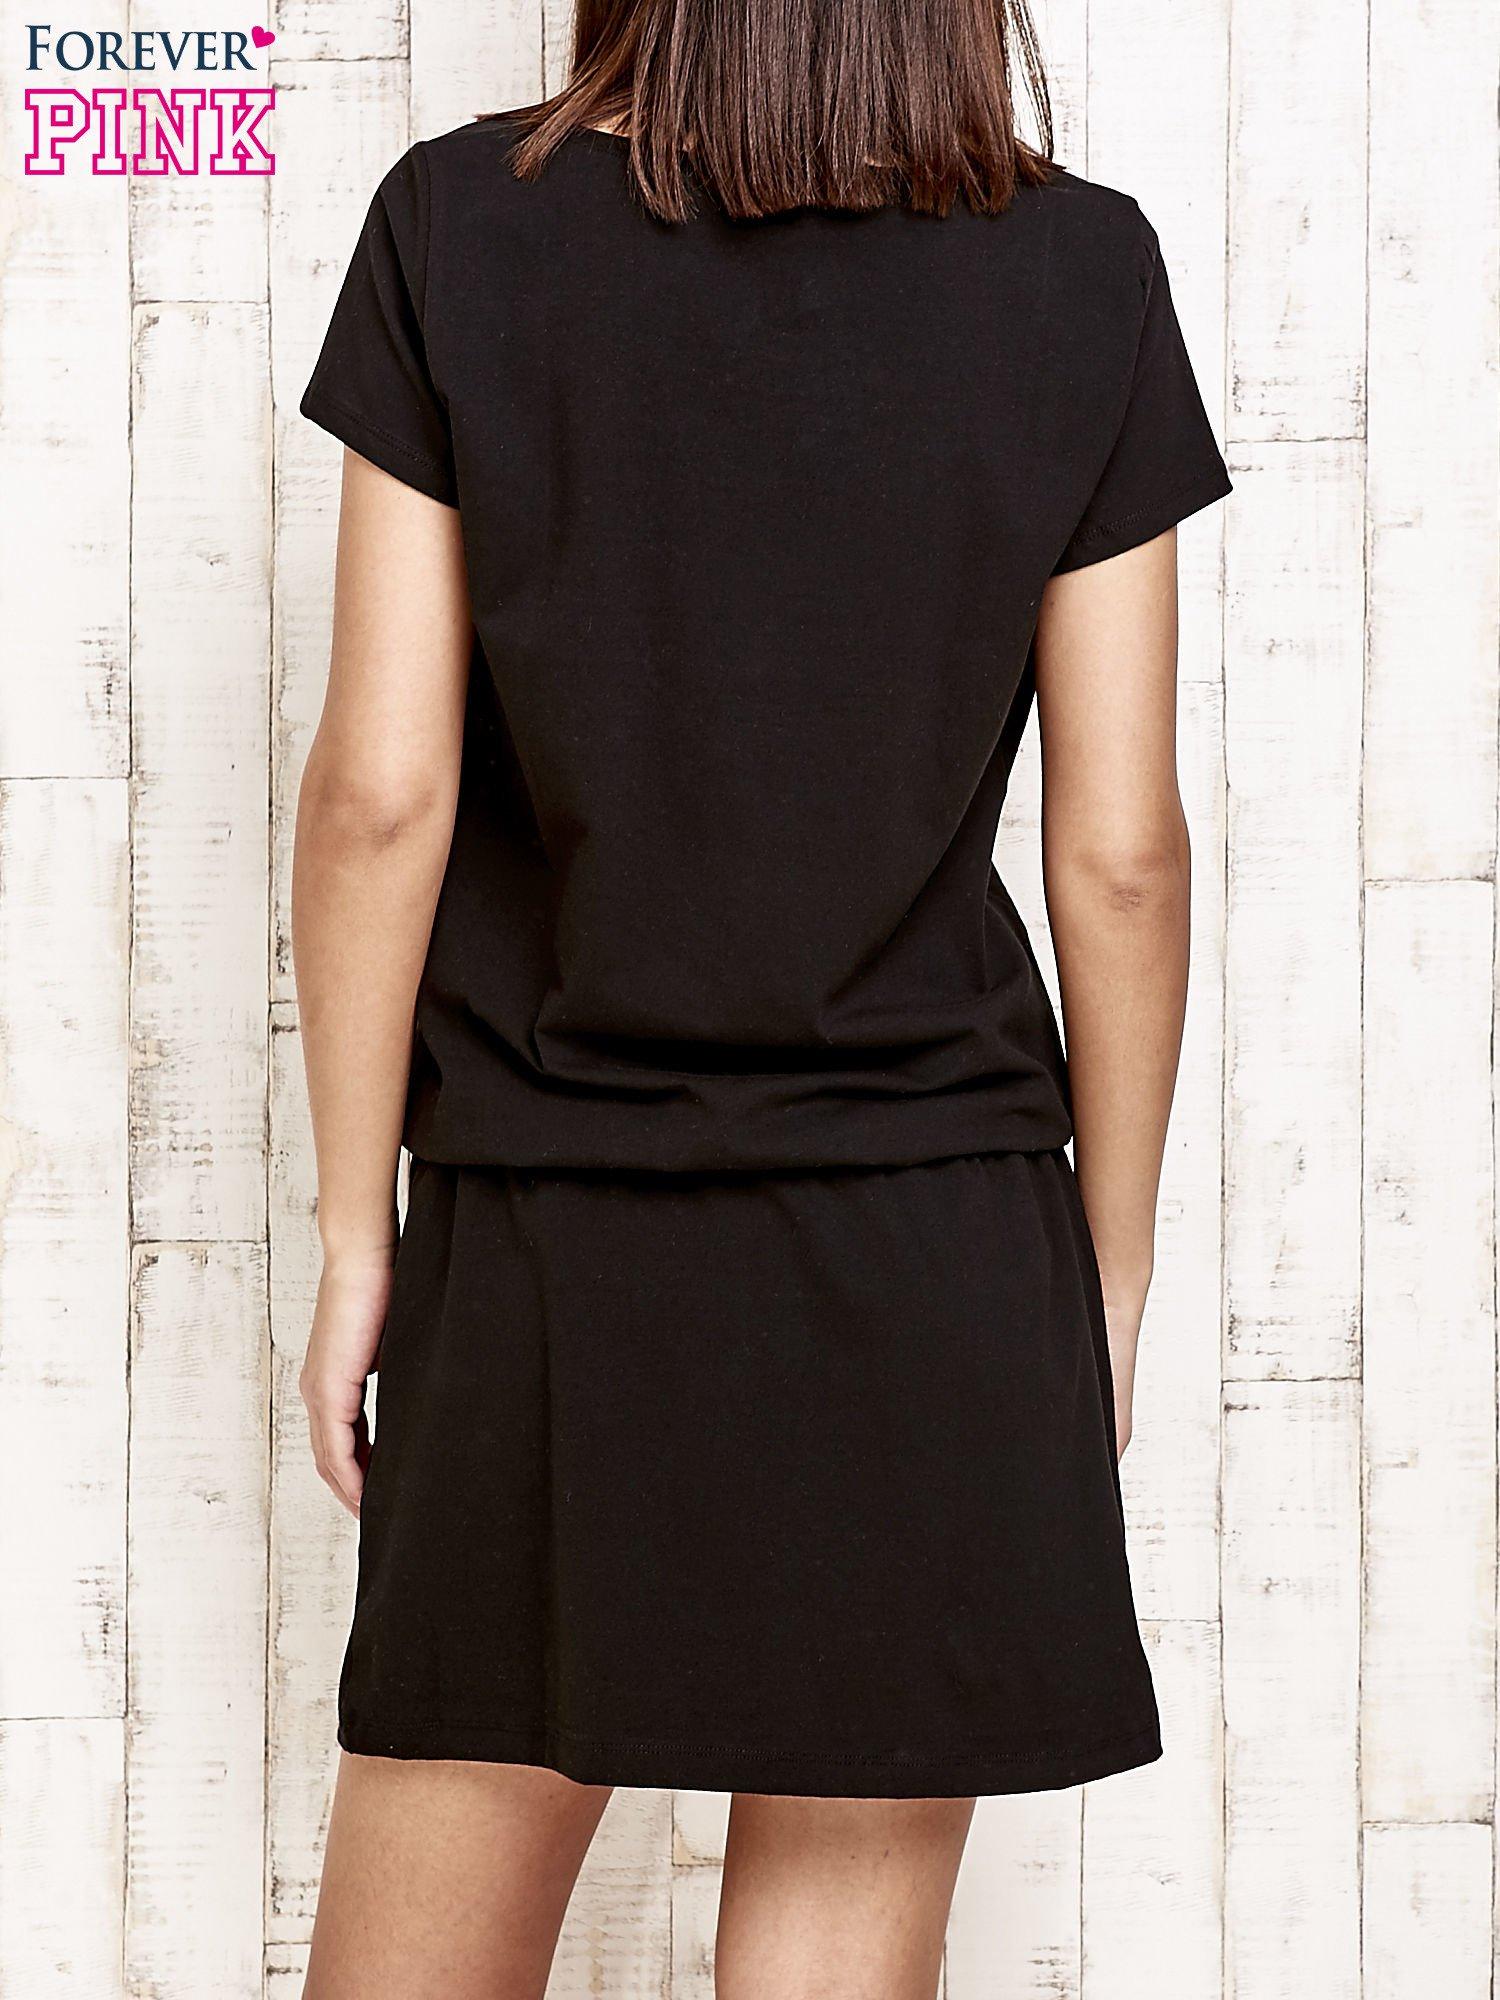 Czarna sukienka z kieszonkami                                  zdj.                                  4